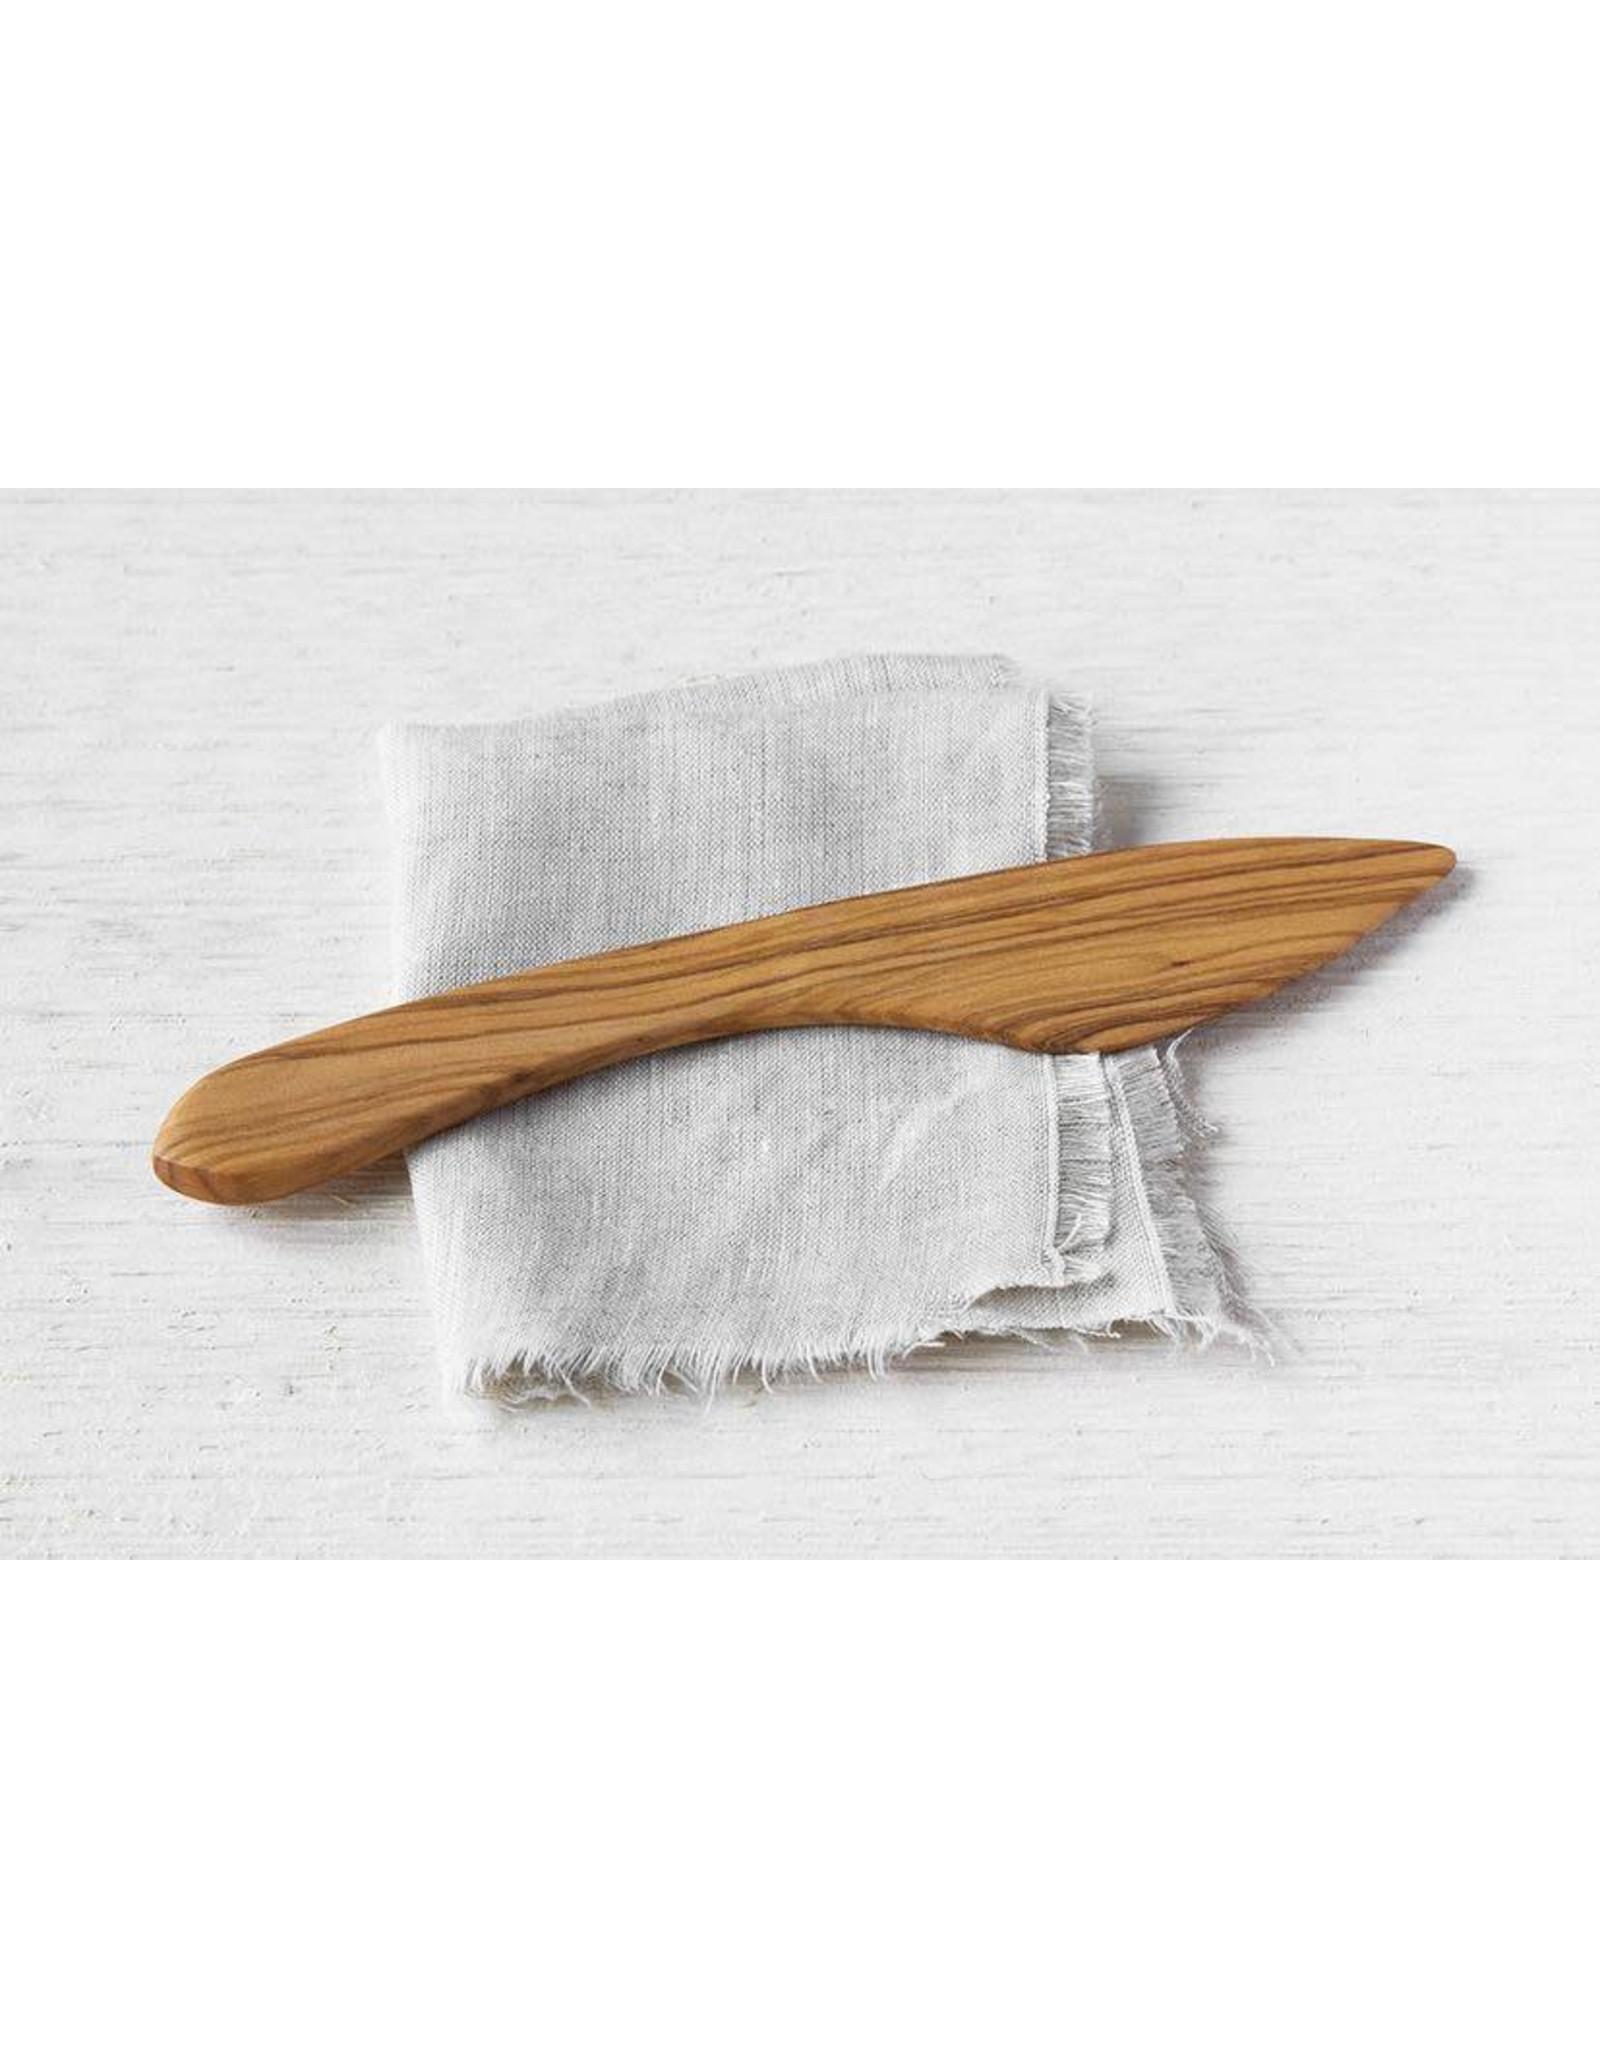 Brooklyn Slate Wood Cheese Knife